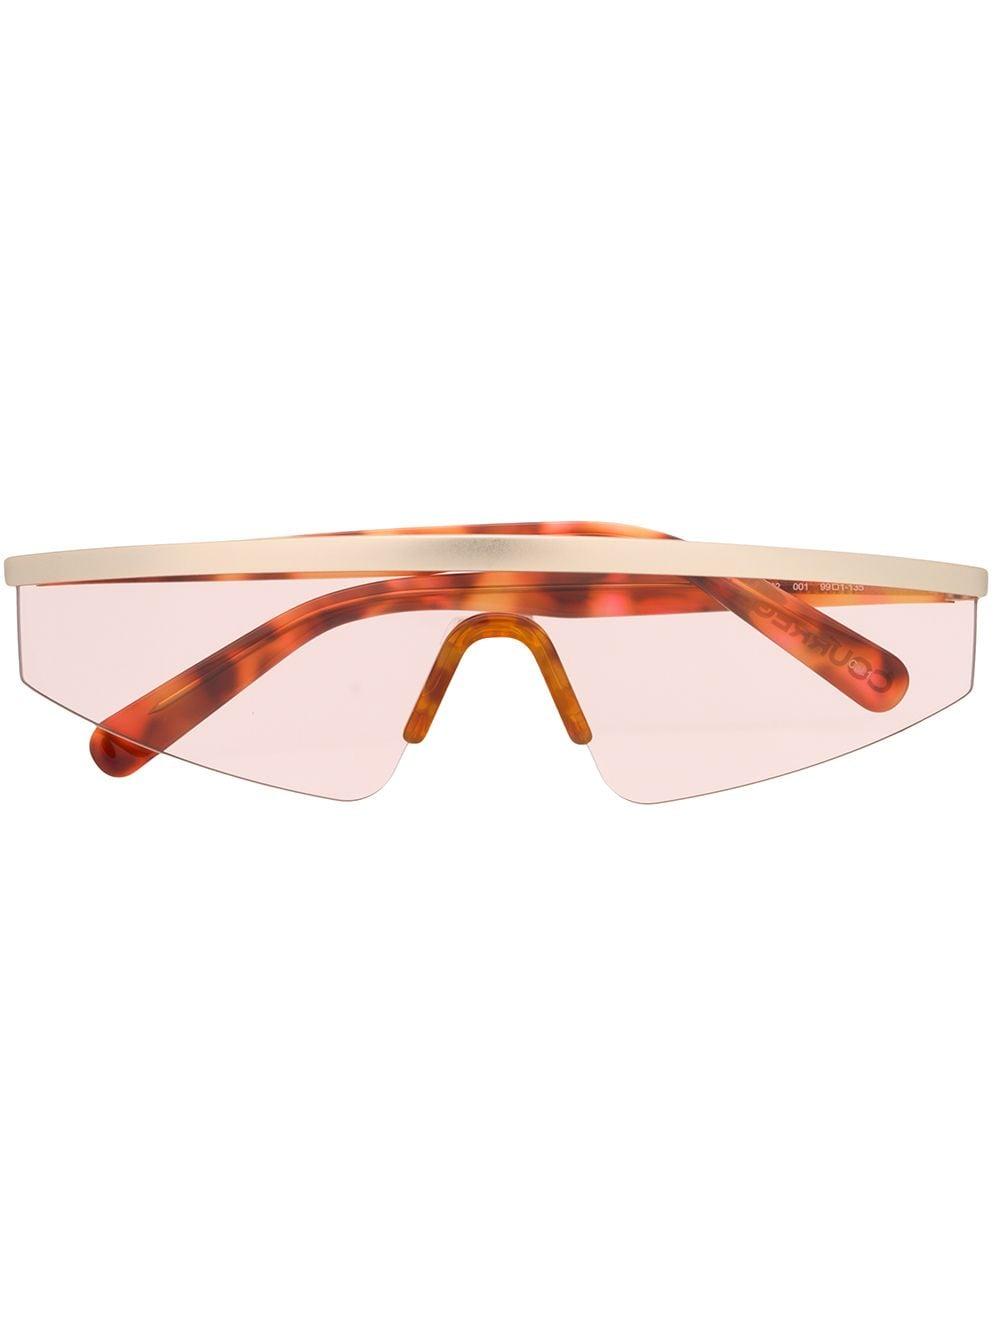 Courrèges Eyewear Sonnenbrille im Visier-Design - Braun